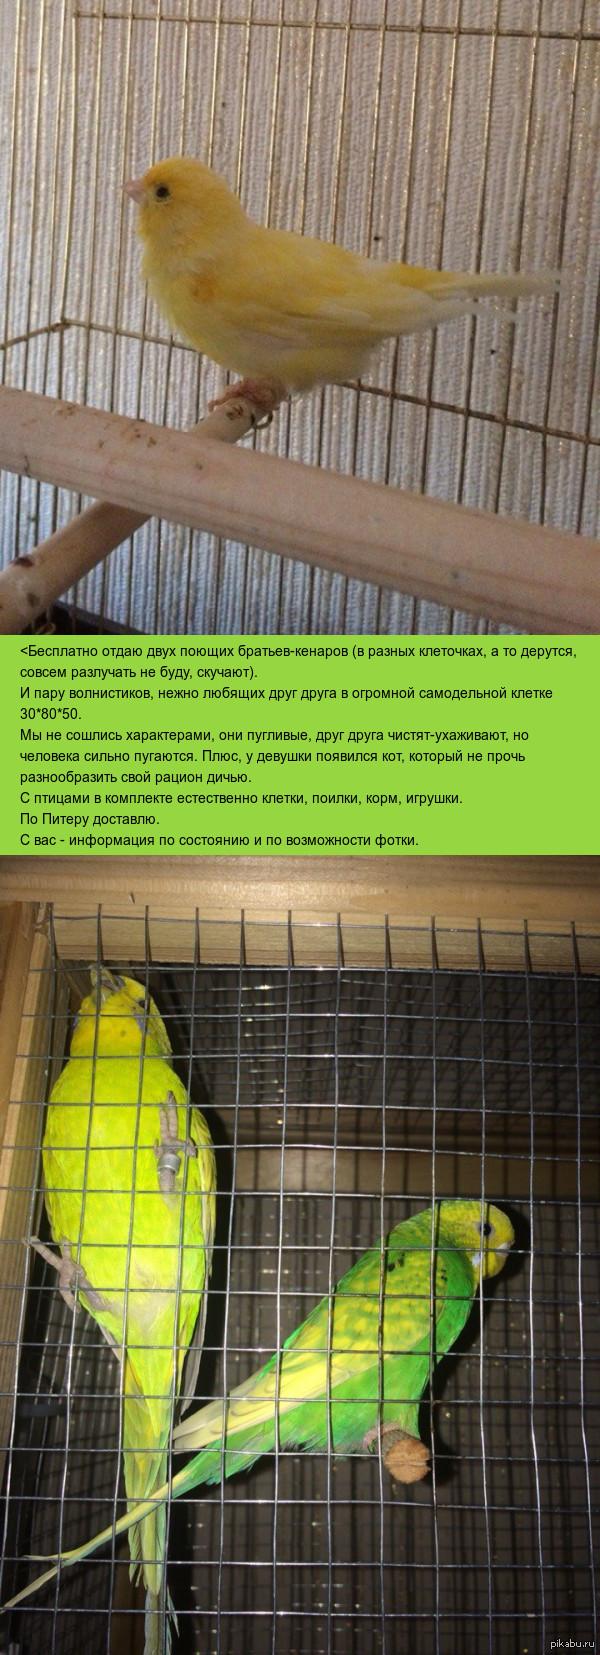 Отдаю в хорошие руки птиц. Петербург. Волнистые попугаи и кенары.